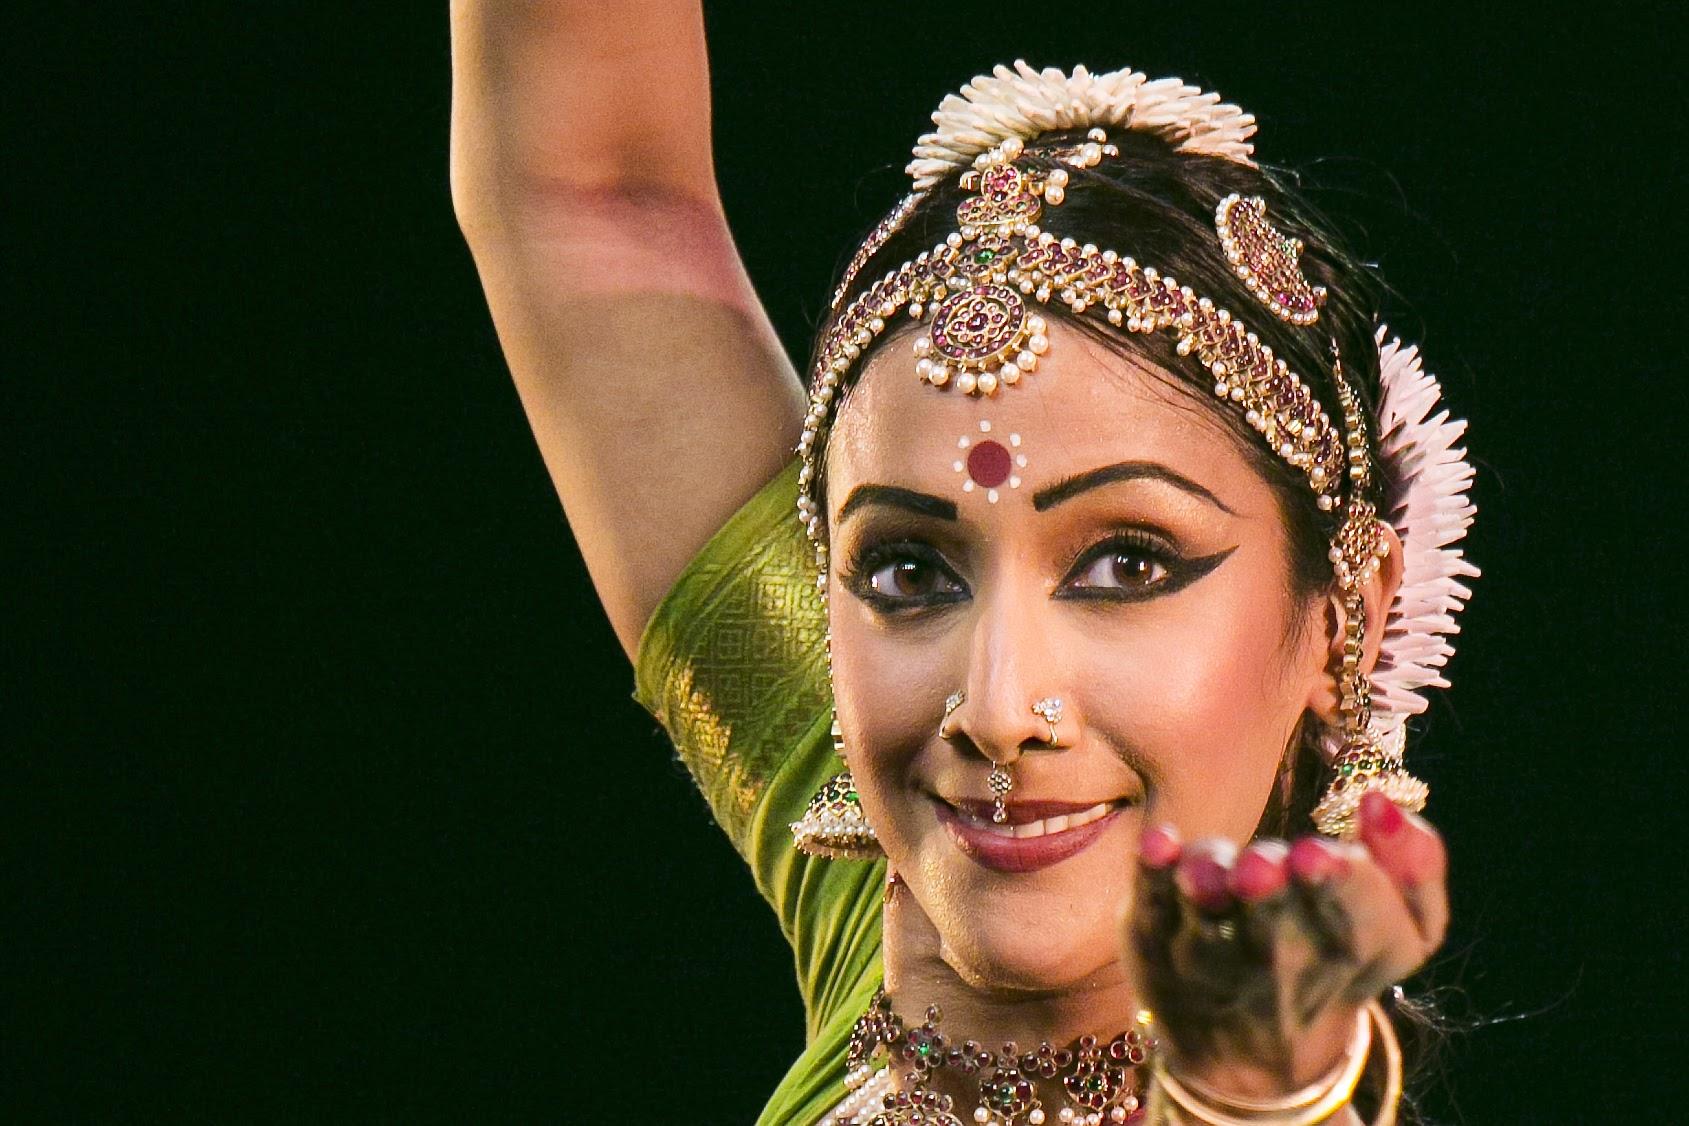 The choreographer of Mara, Mythili Prakash is one of the most celebrated and respected young Bharatanatyam dancers today. Photo courtesy: mythiliprakash.com